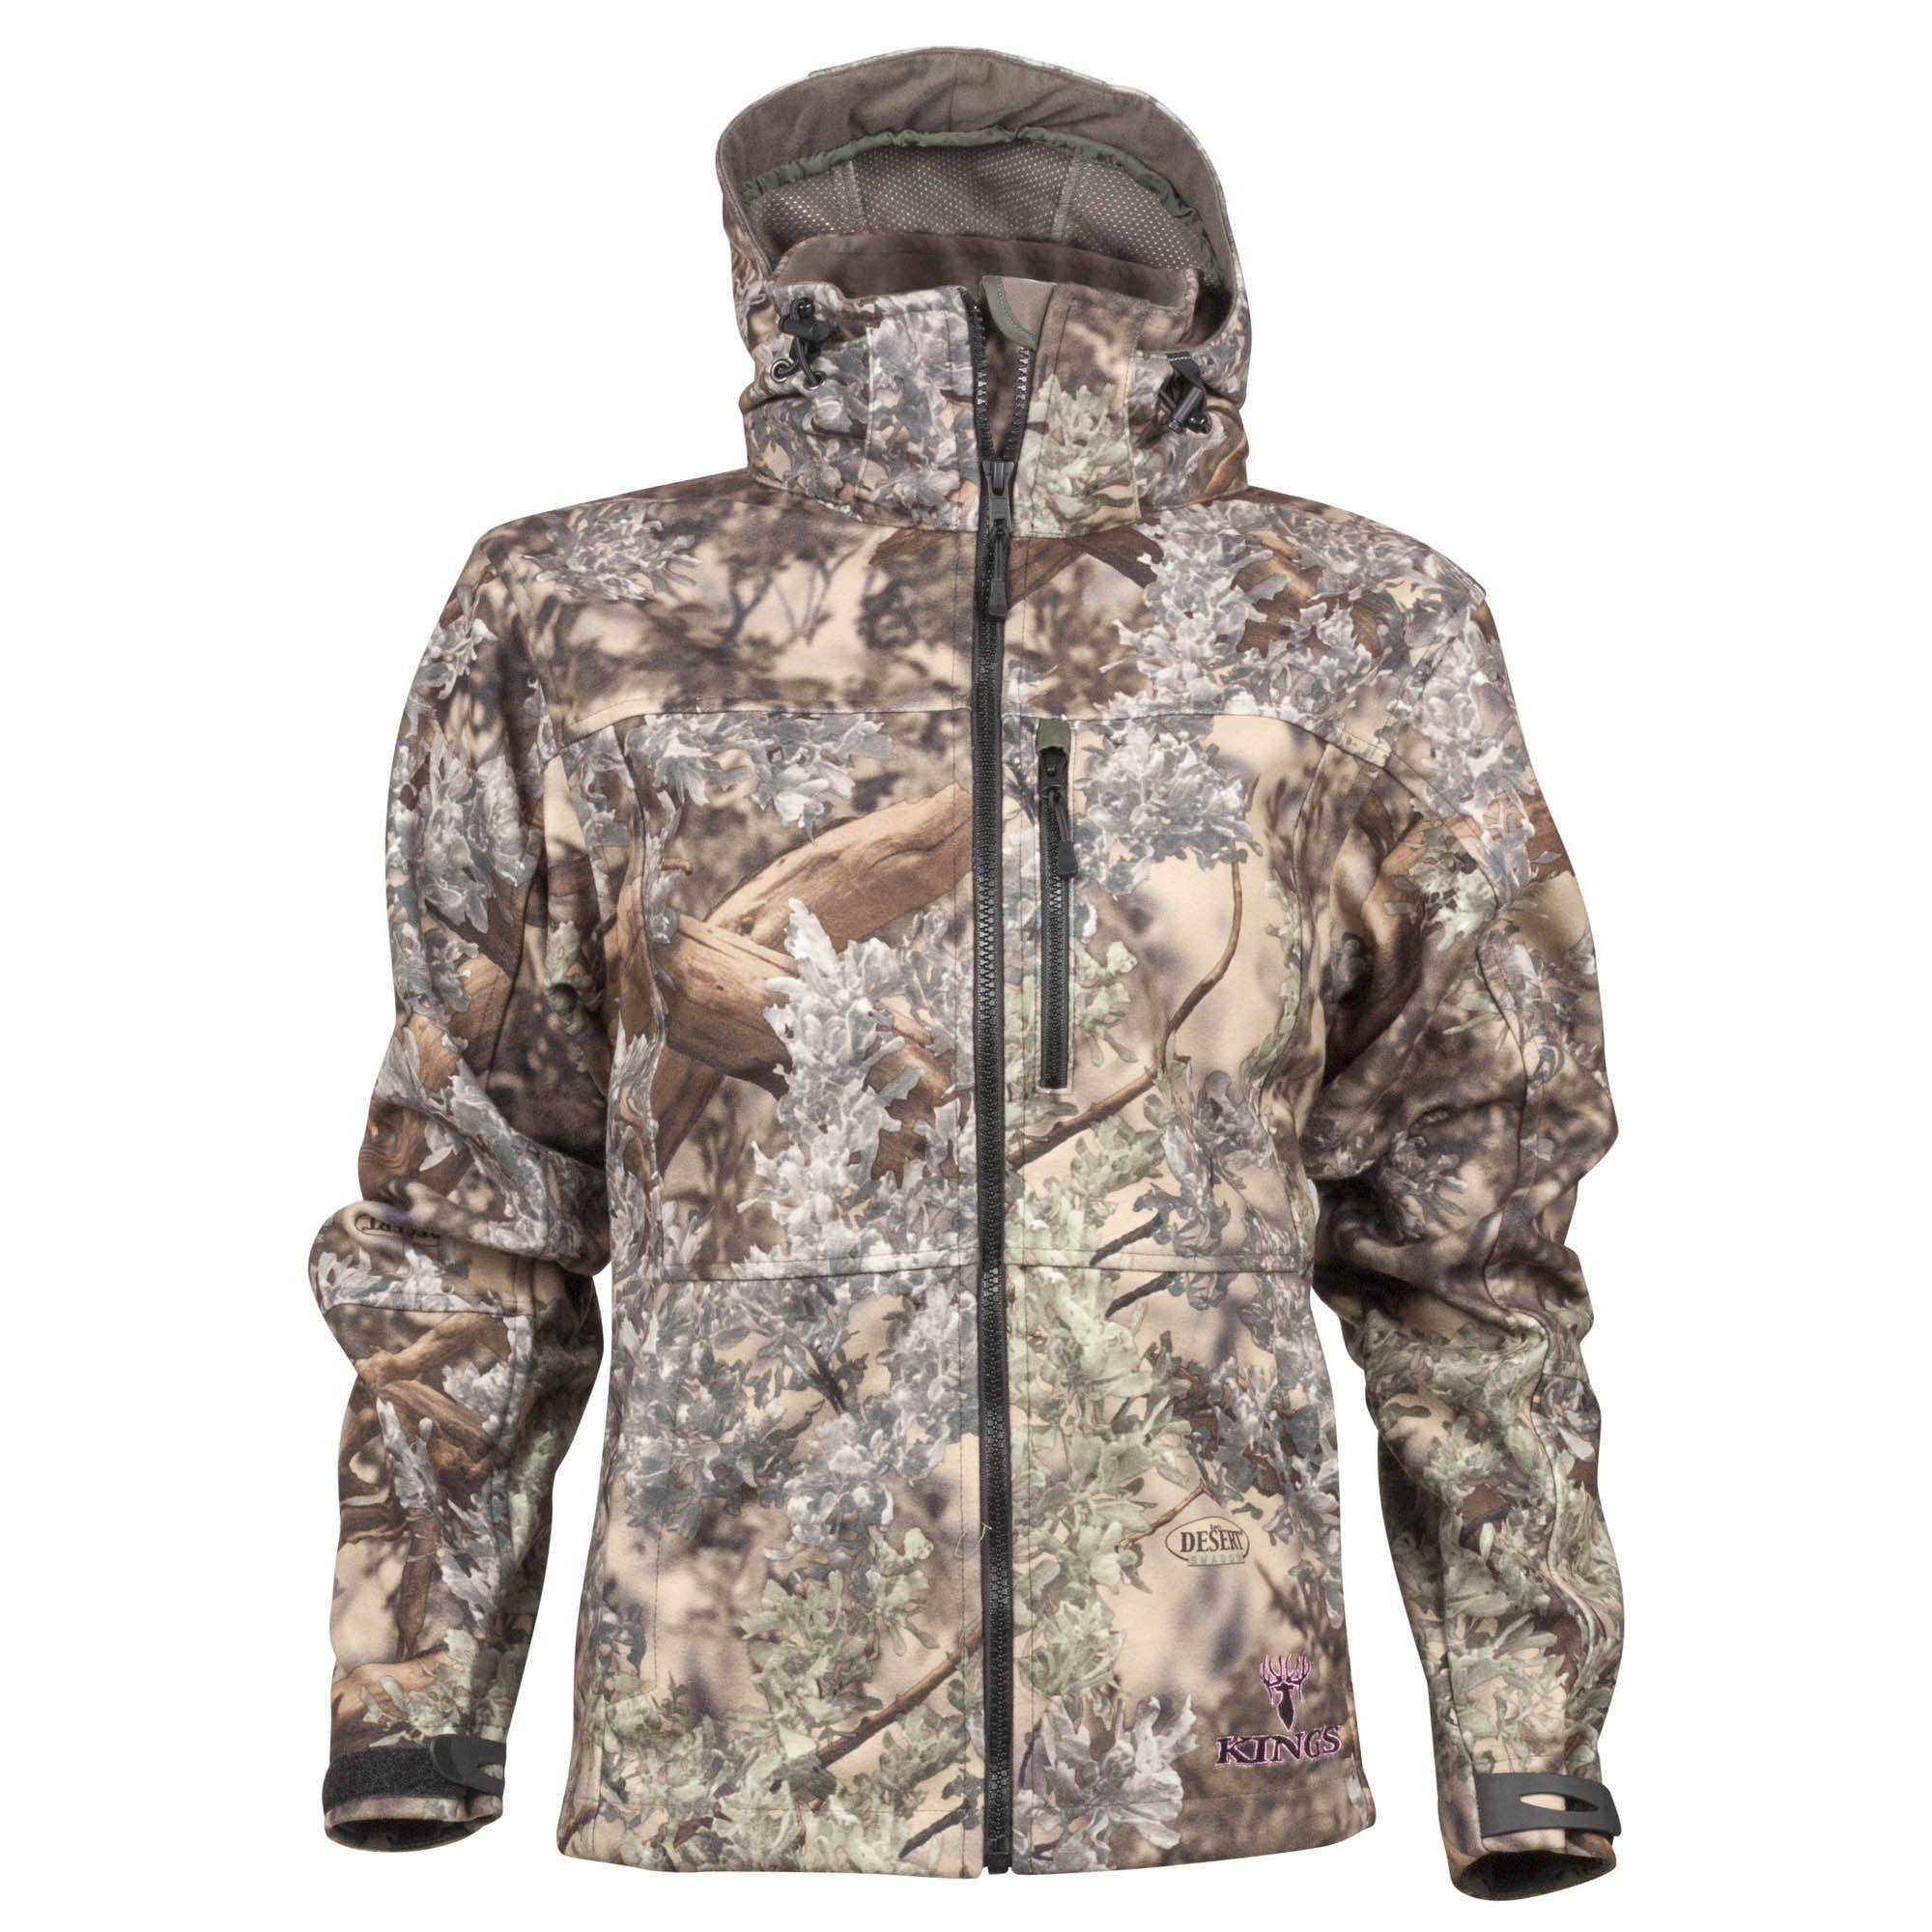 King's Camo Women's Hunter Series Wind-Defender Fleece Jacket